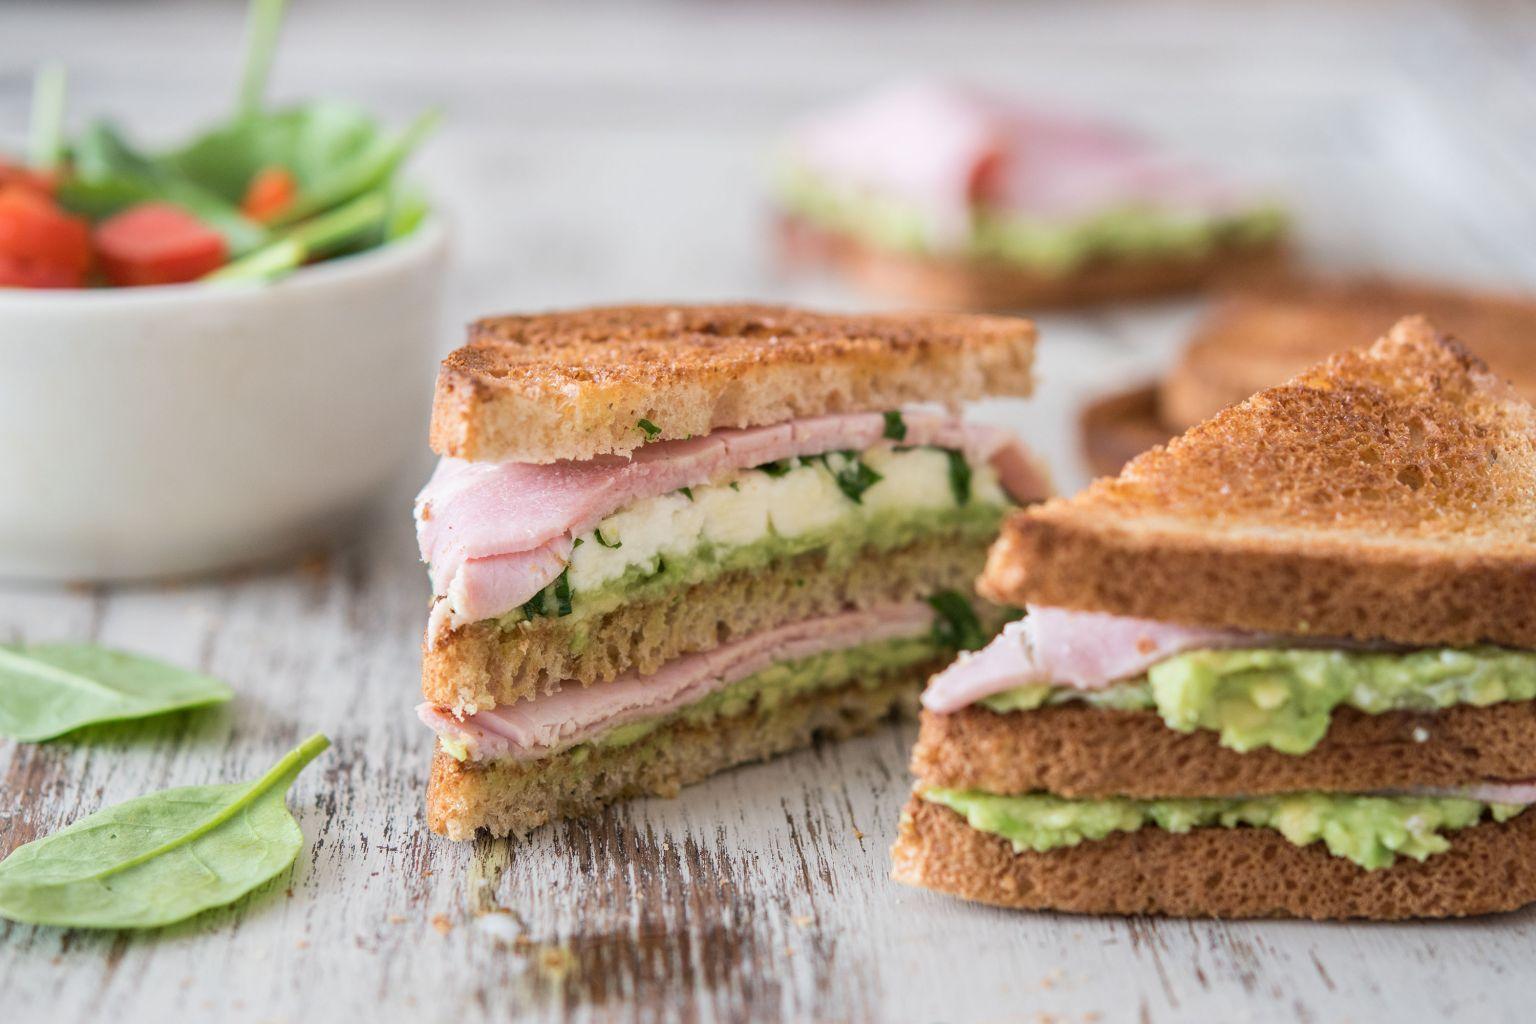 Club sandwich au jambon, avocat et mozzarella au pistou